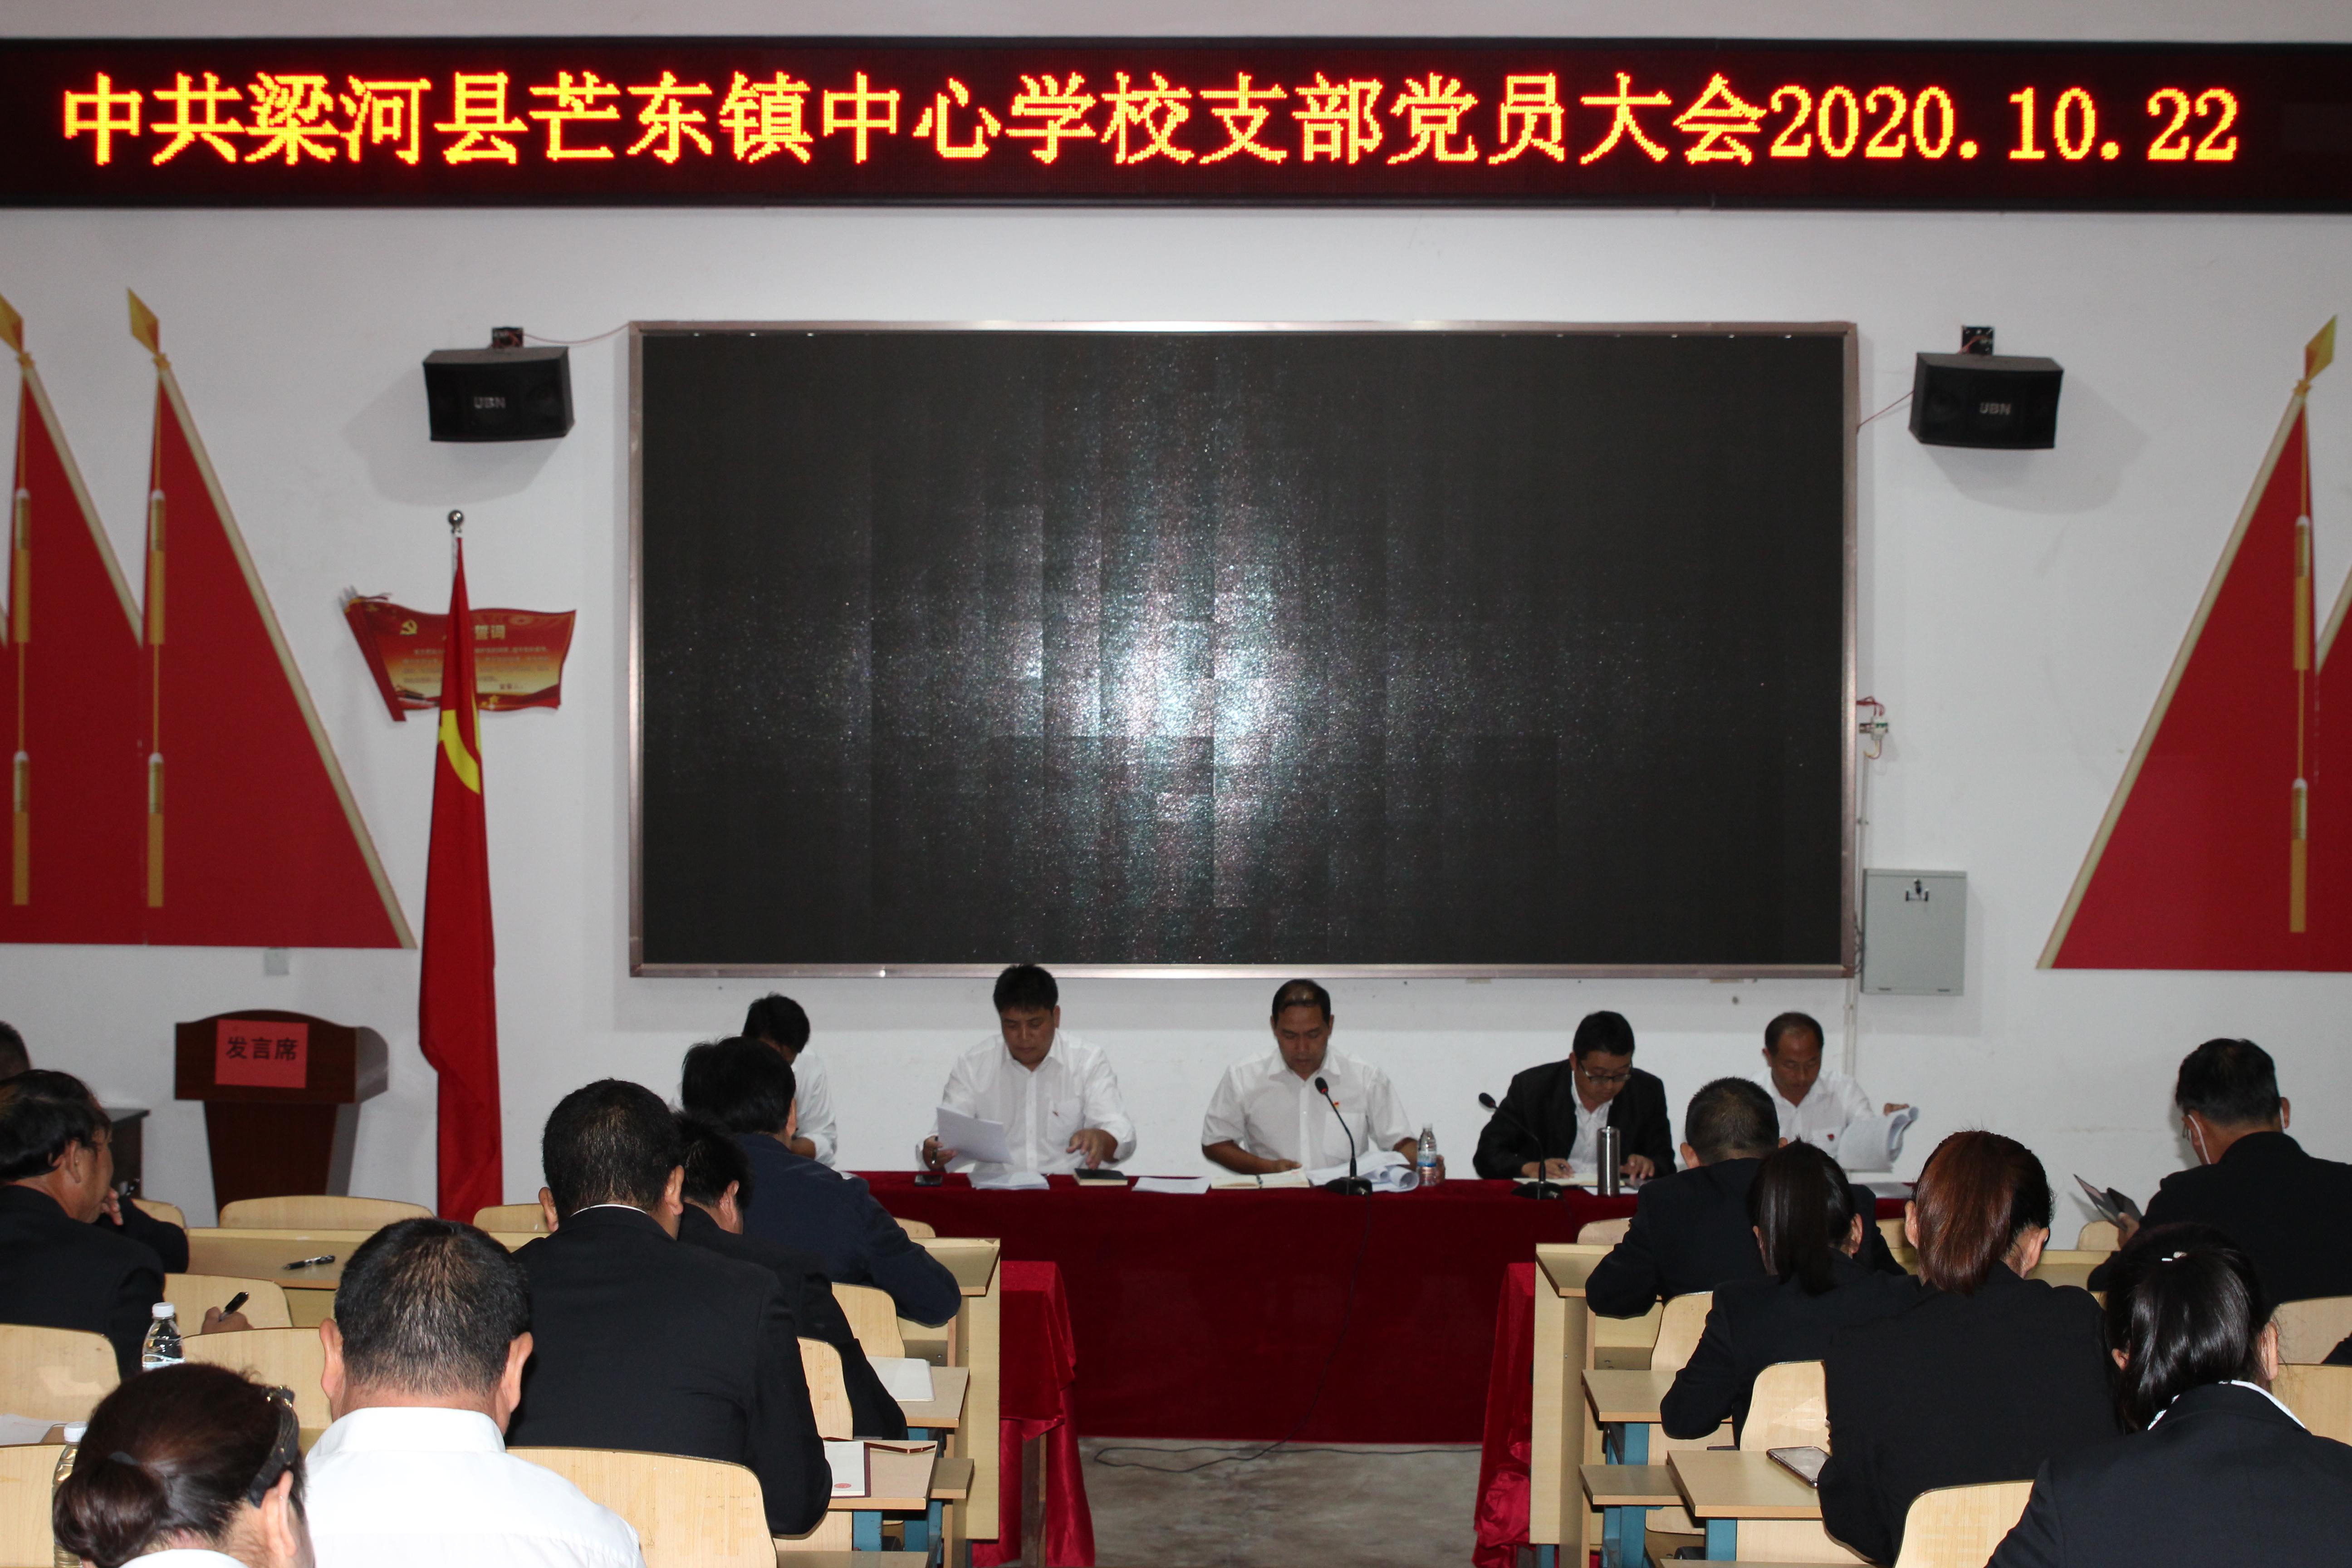 中共梁河县芒东镇中心学校党支部召开党员大会